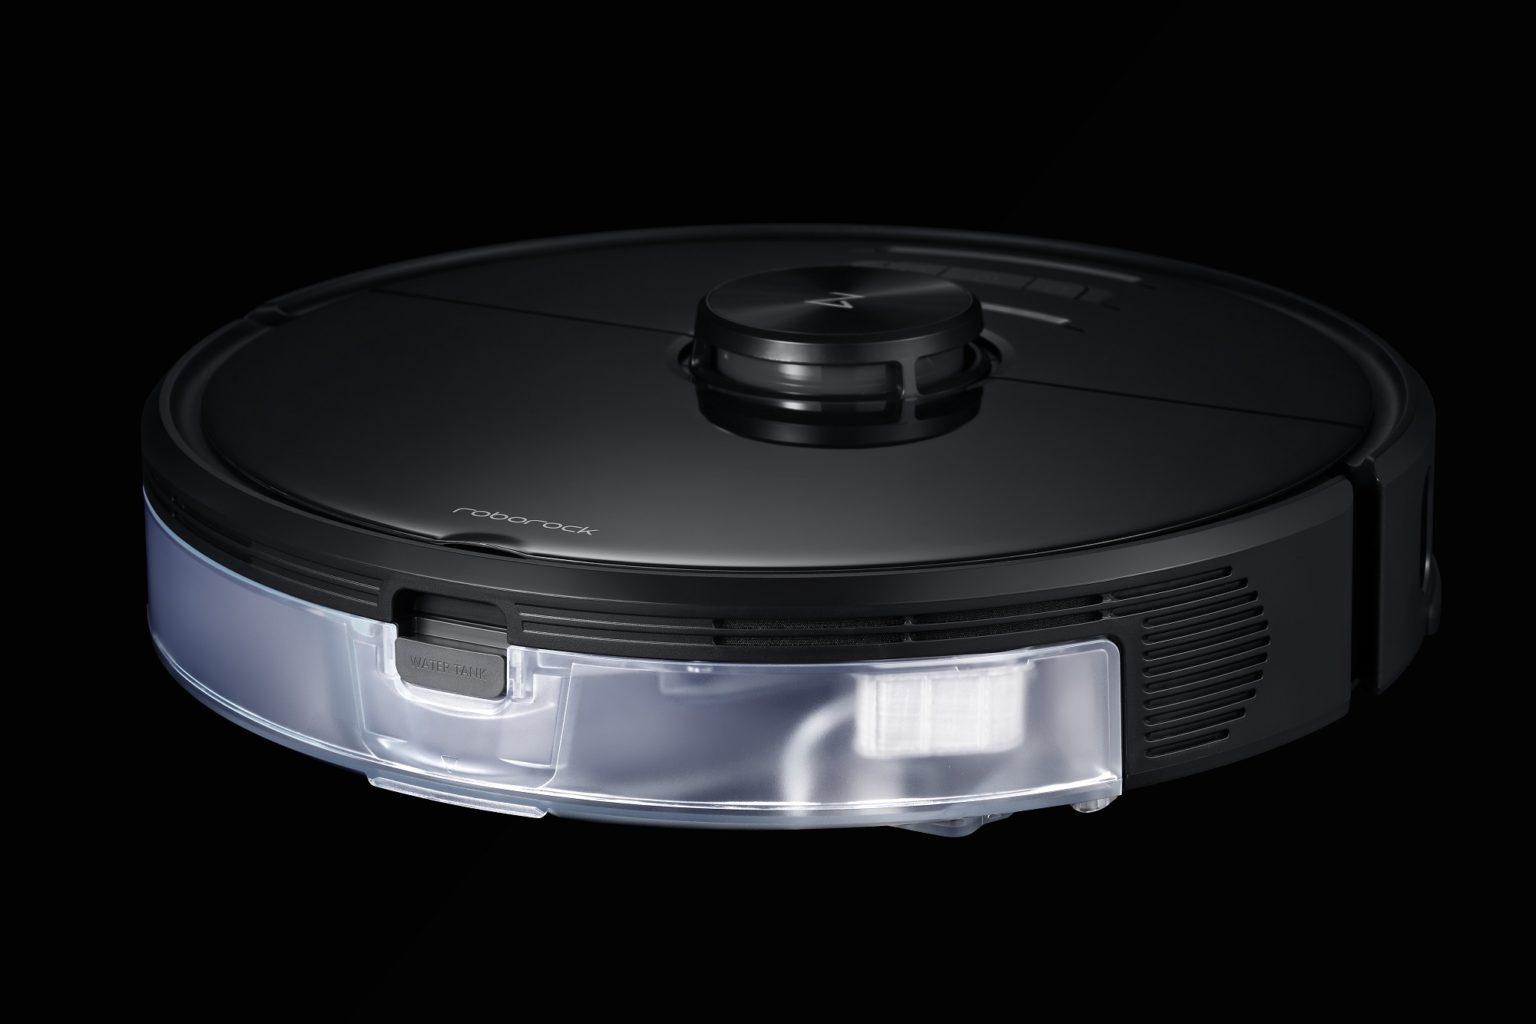 Depósito de agua eléctrico del Roborock S6 MaxV